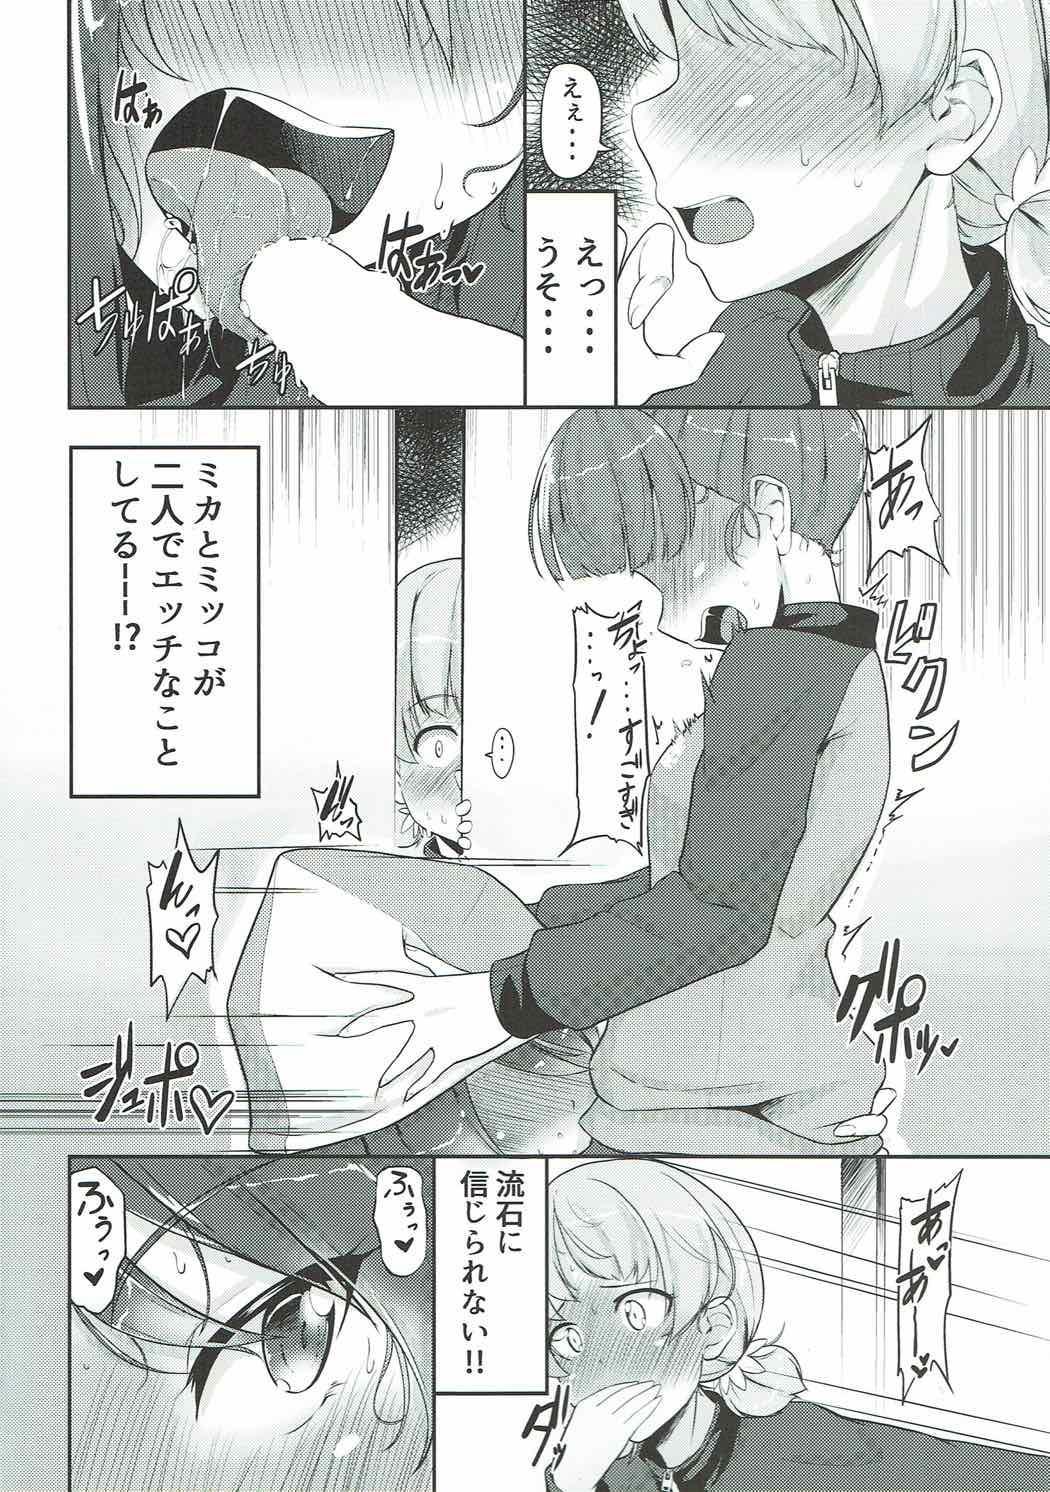 Hakushin Senshadoubu Keizoku no Urawaza 2